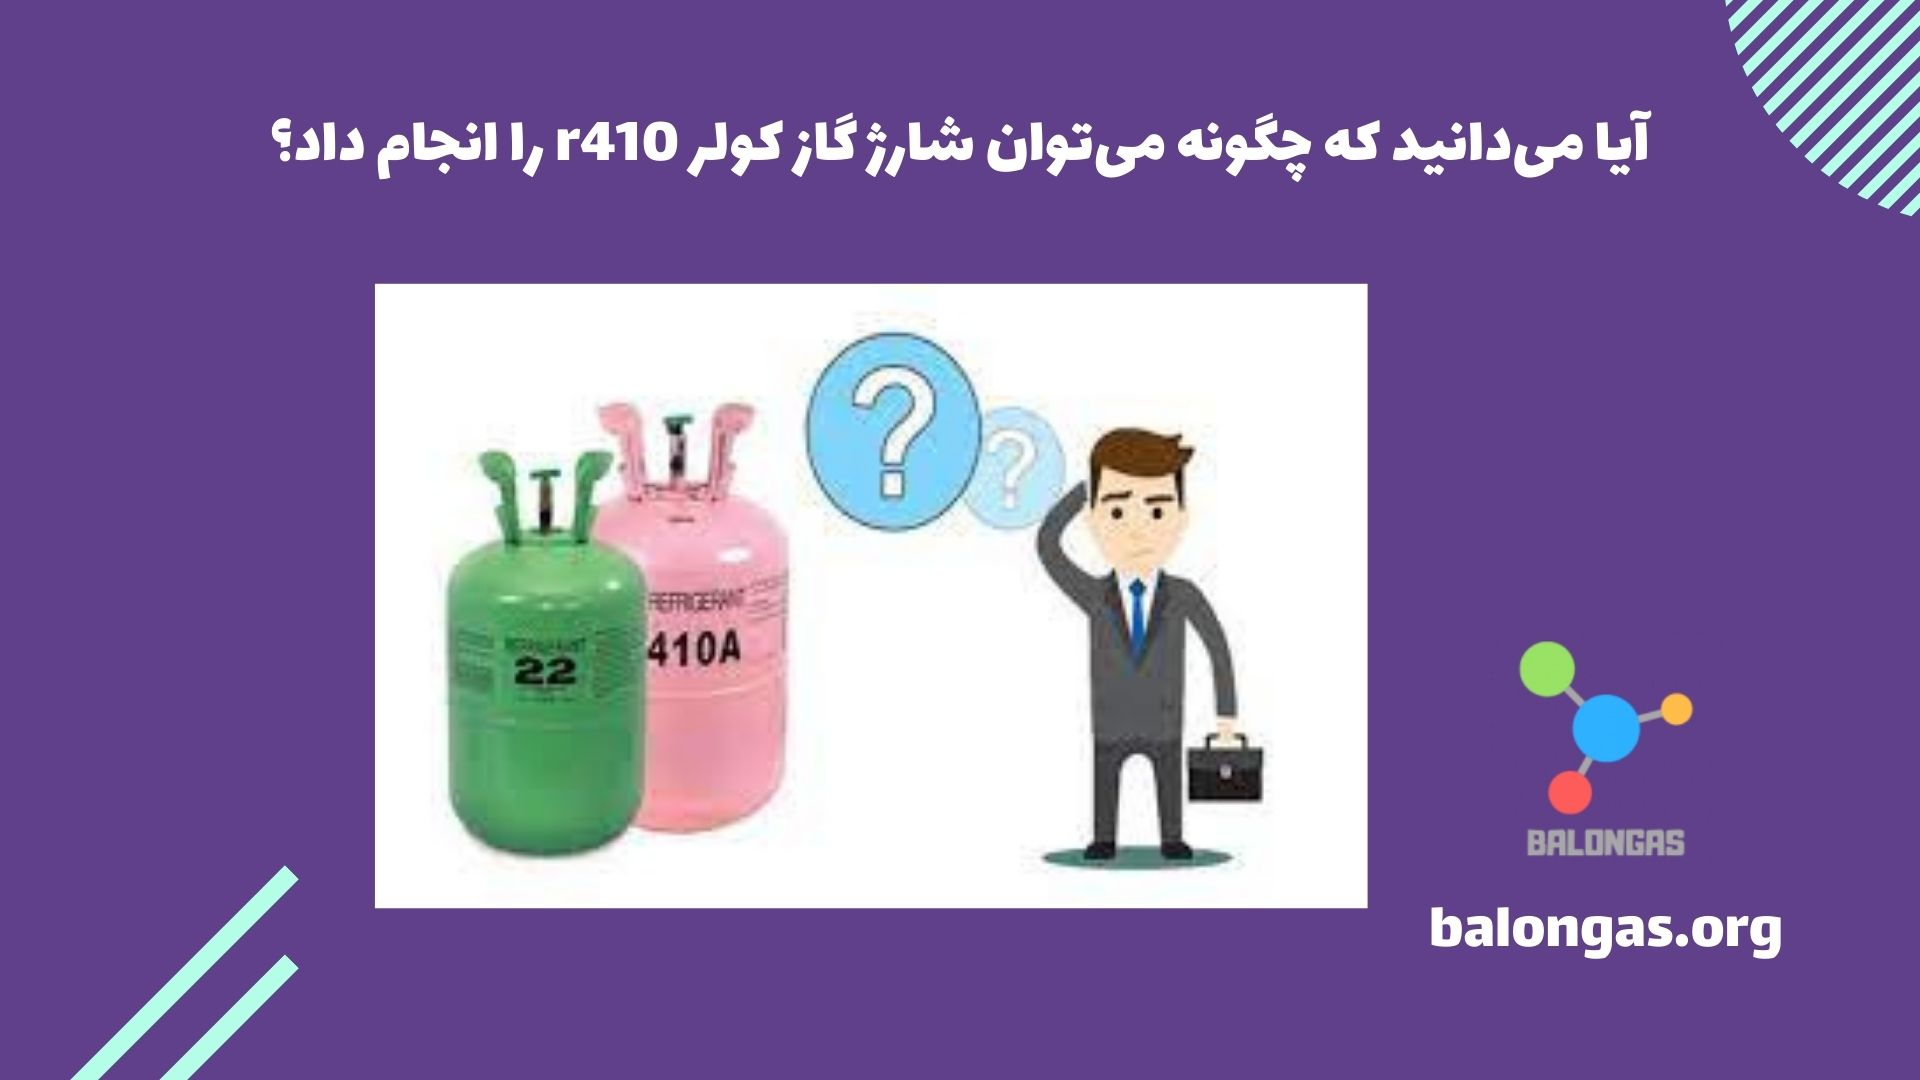 آیا میدانید که چگونه میتوان شارژ گاز کولر r410 را انجام داد؟